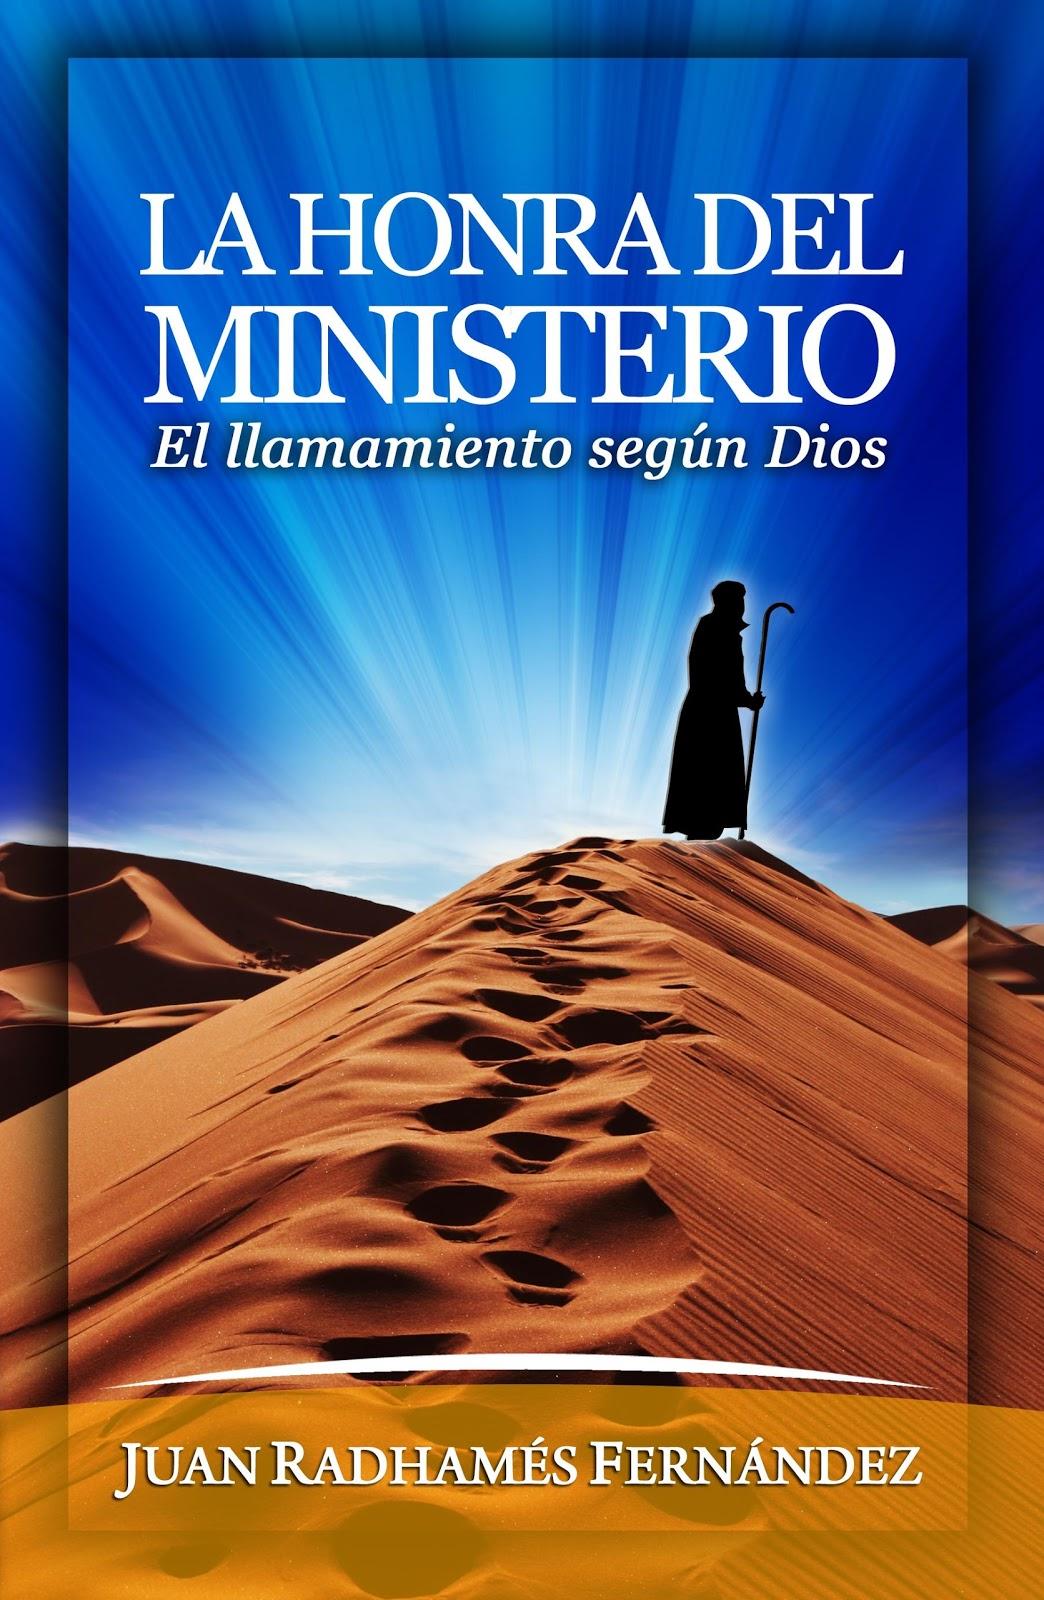 Juan Radhamés Fernández - La Honra del Ministerio - Libros